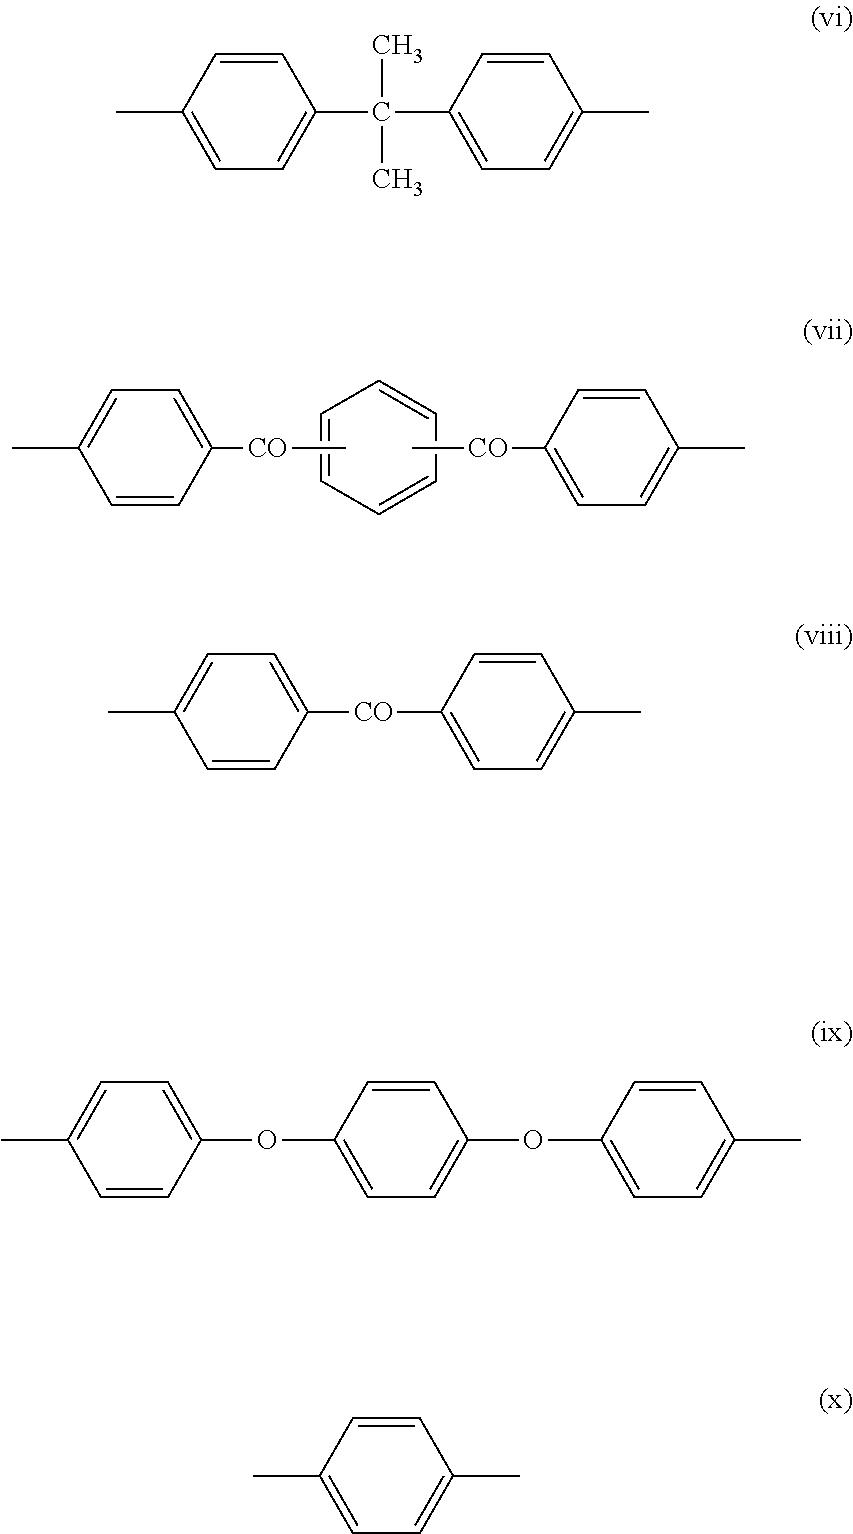 Figure US20110230590A1-20110922-C00004